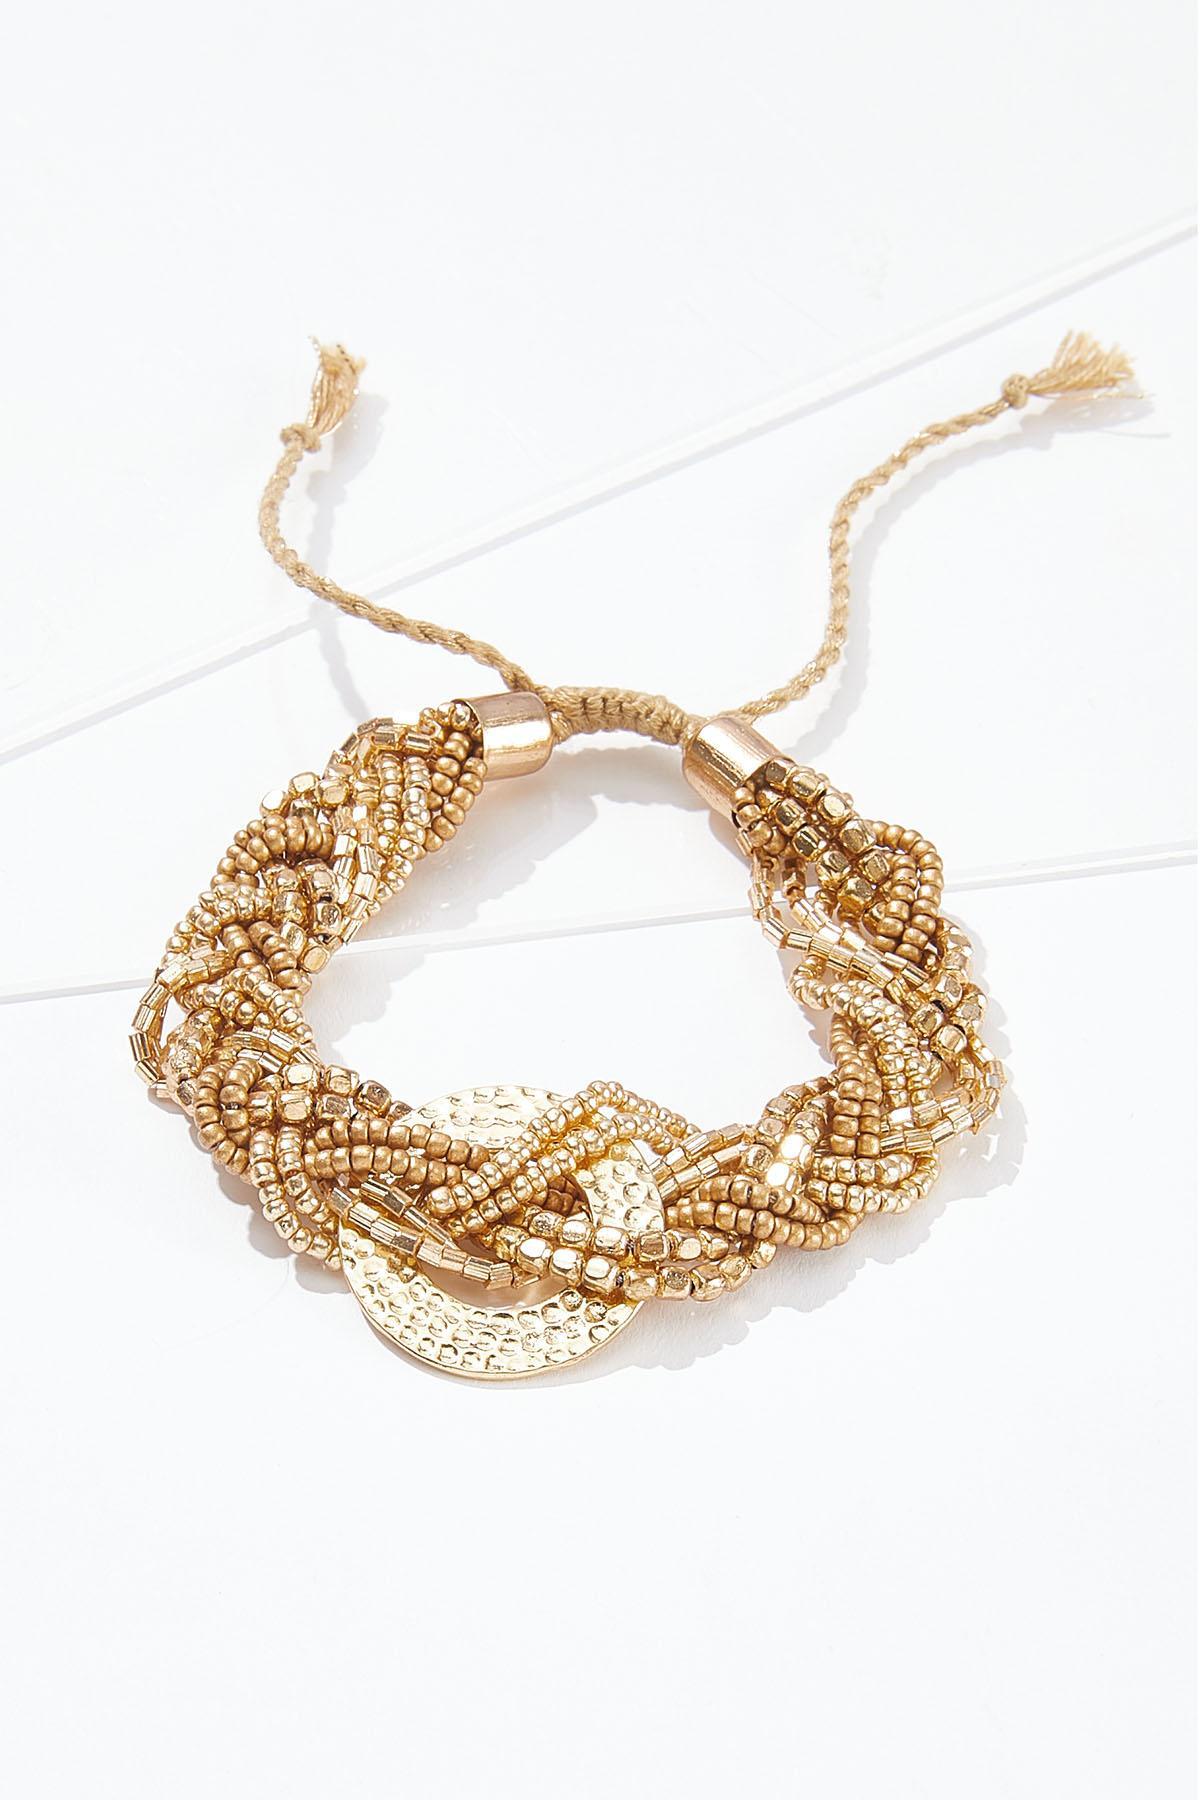 Braided Pull-String Bracelet